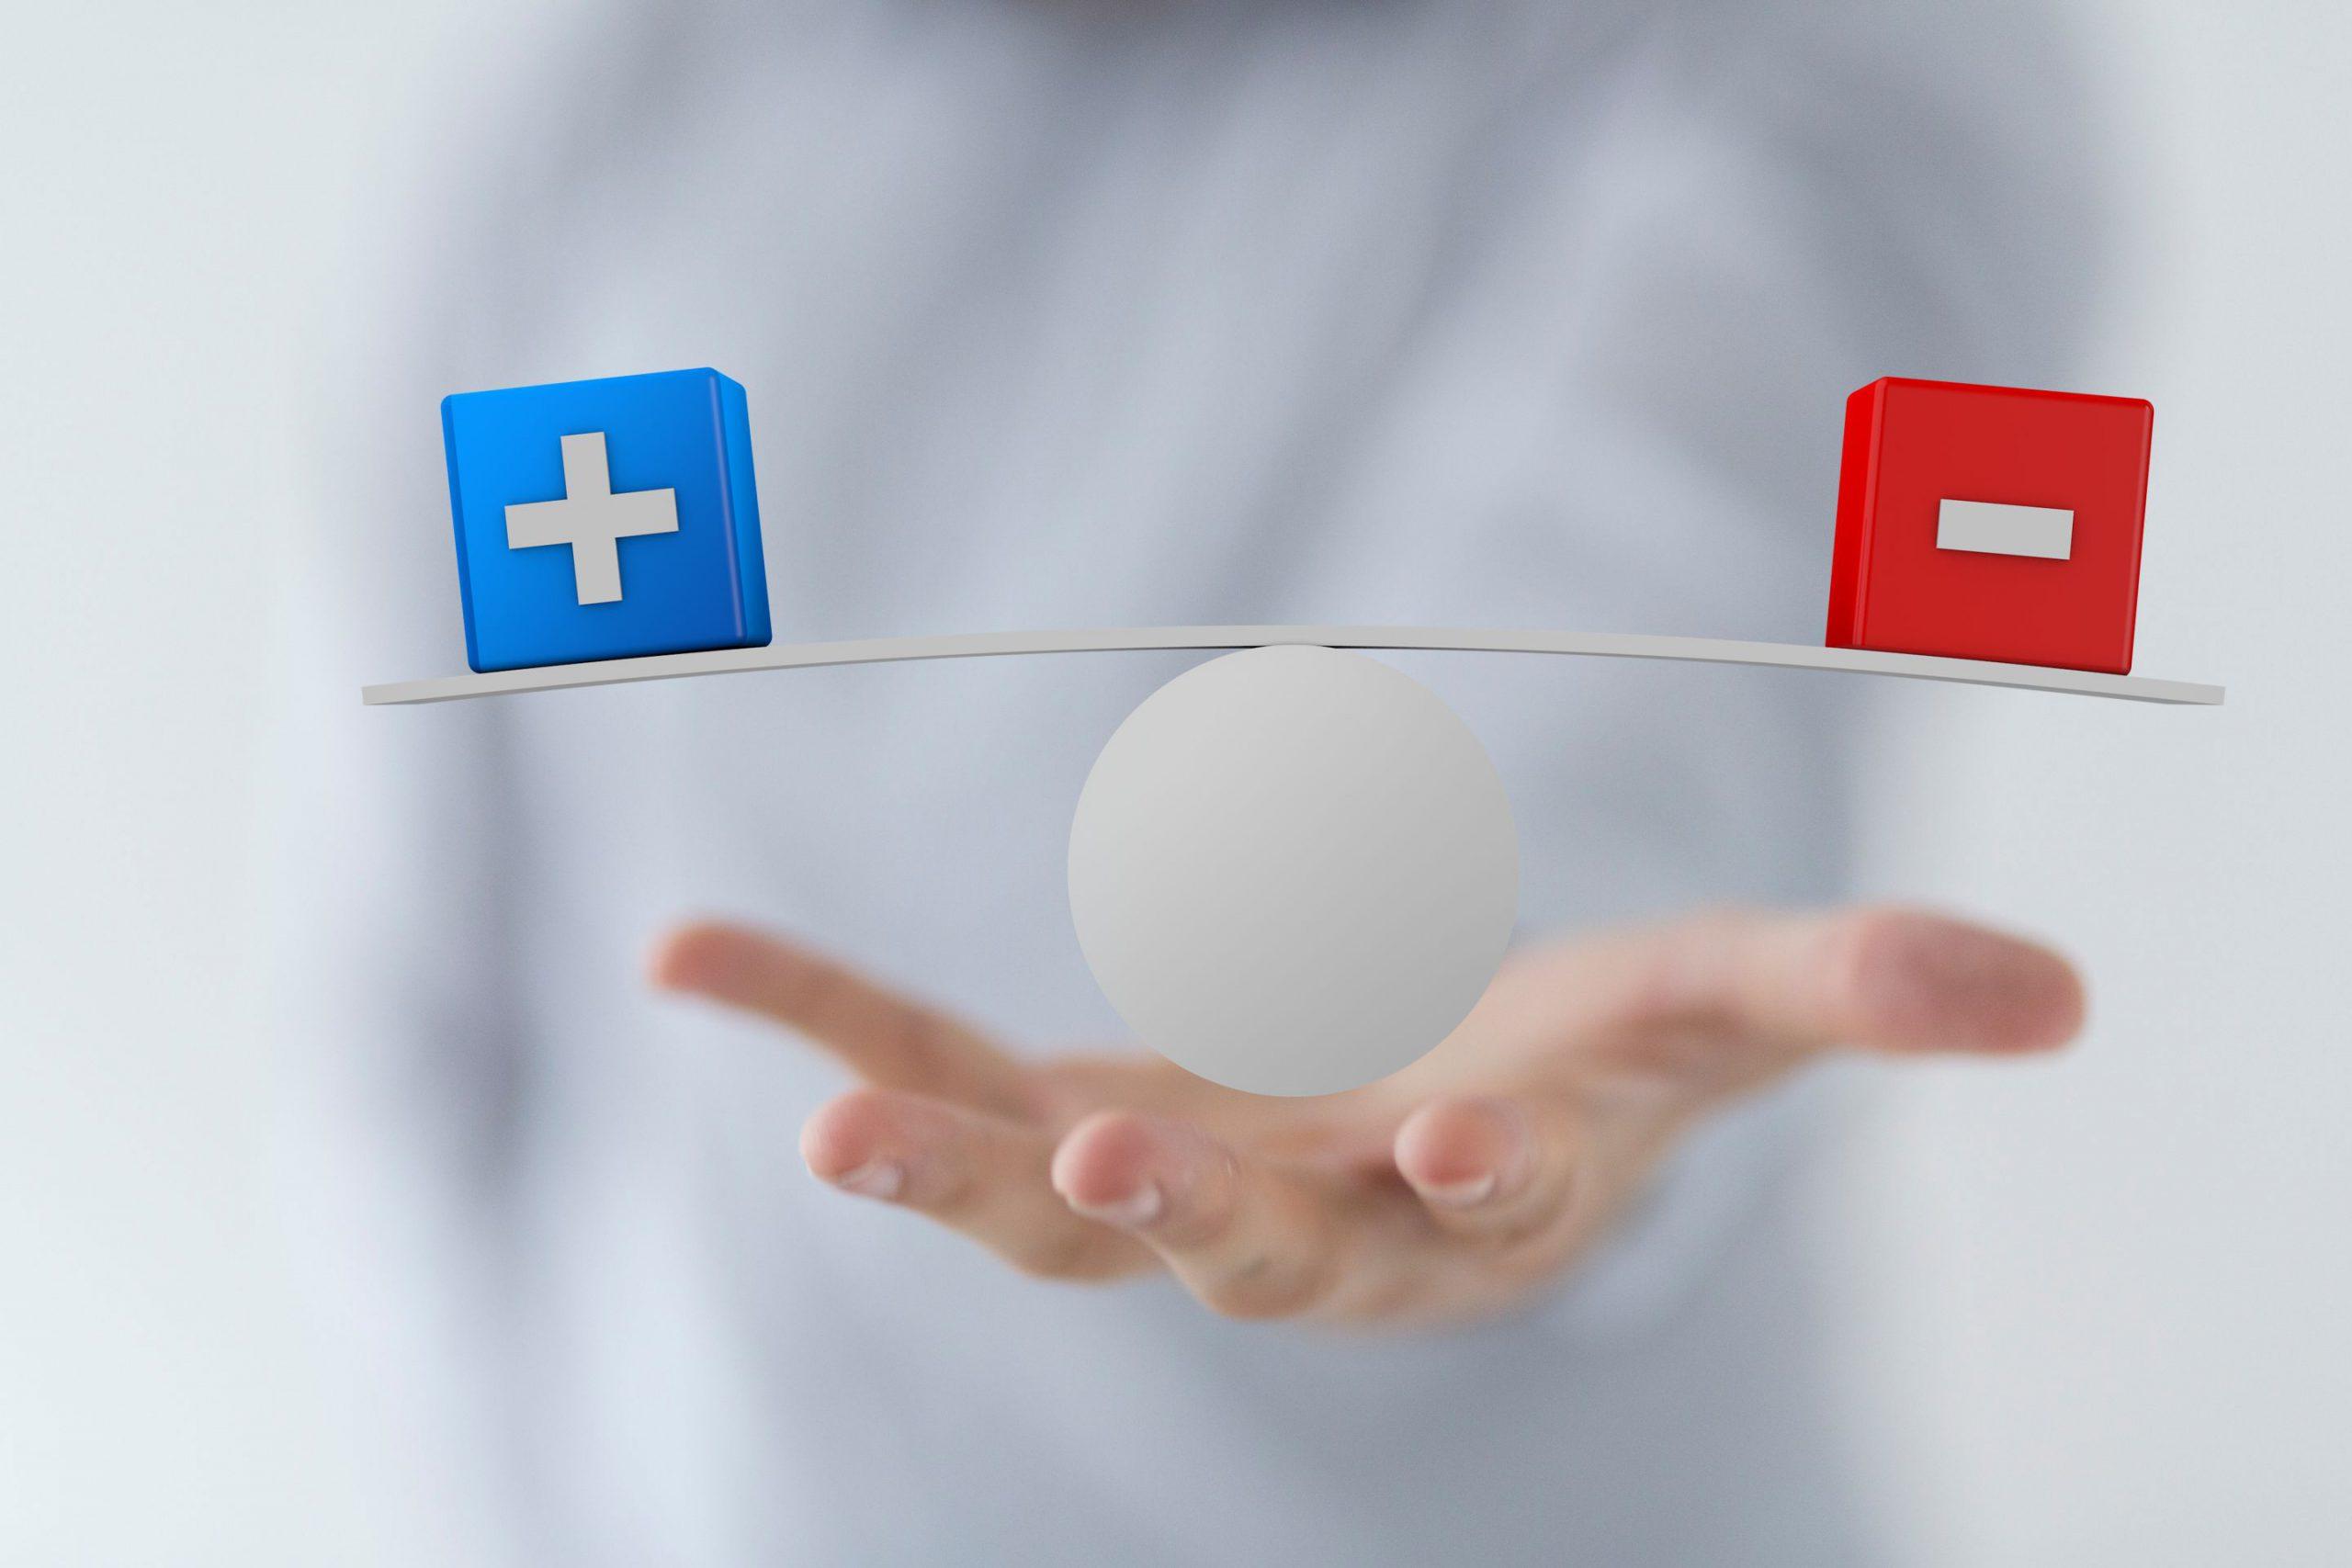 avantages choisir assurance medicaments privee quebec comparer